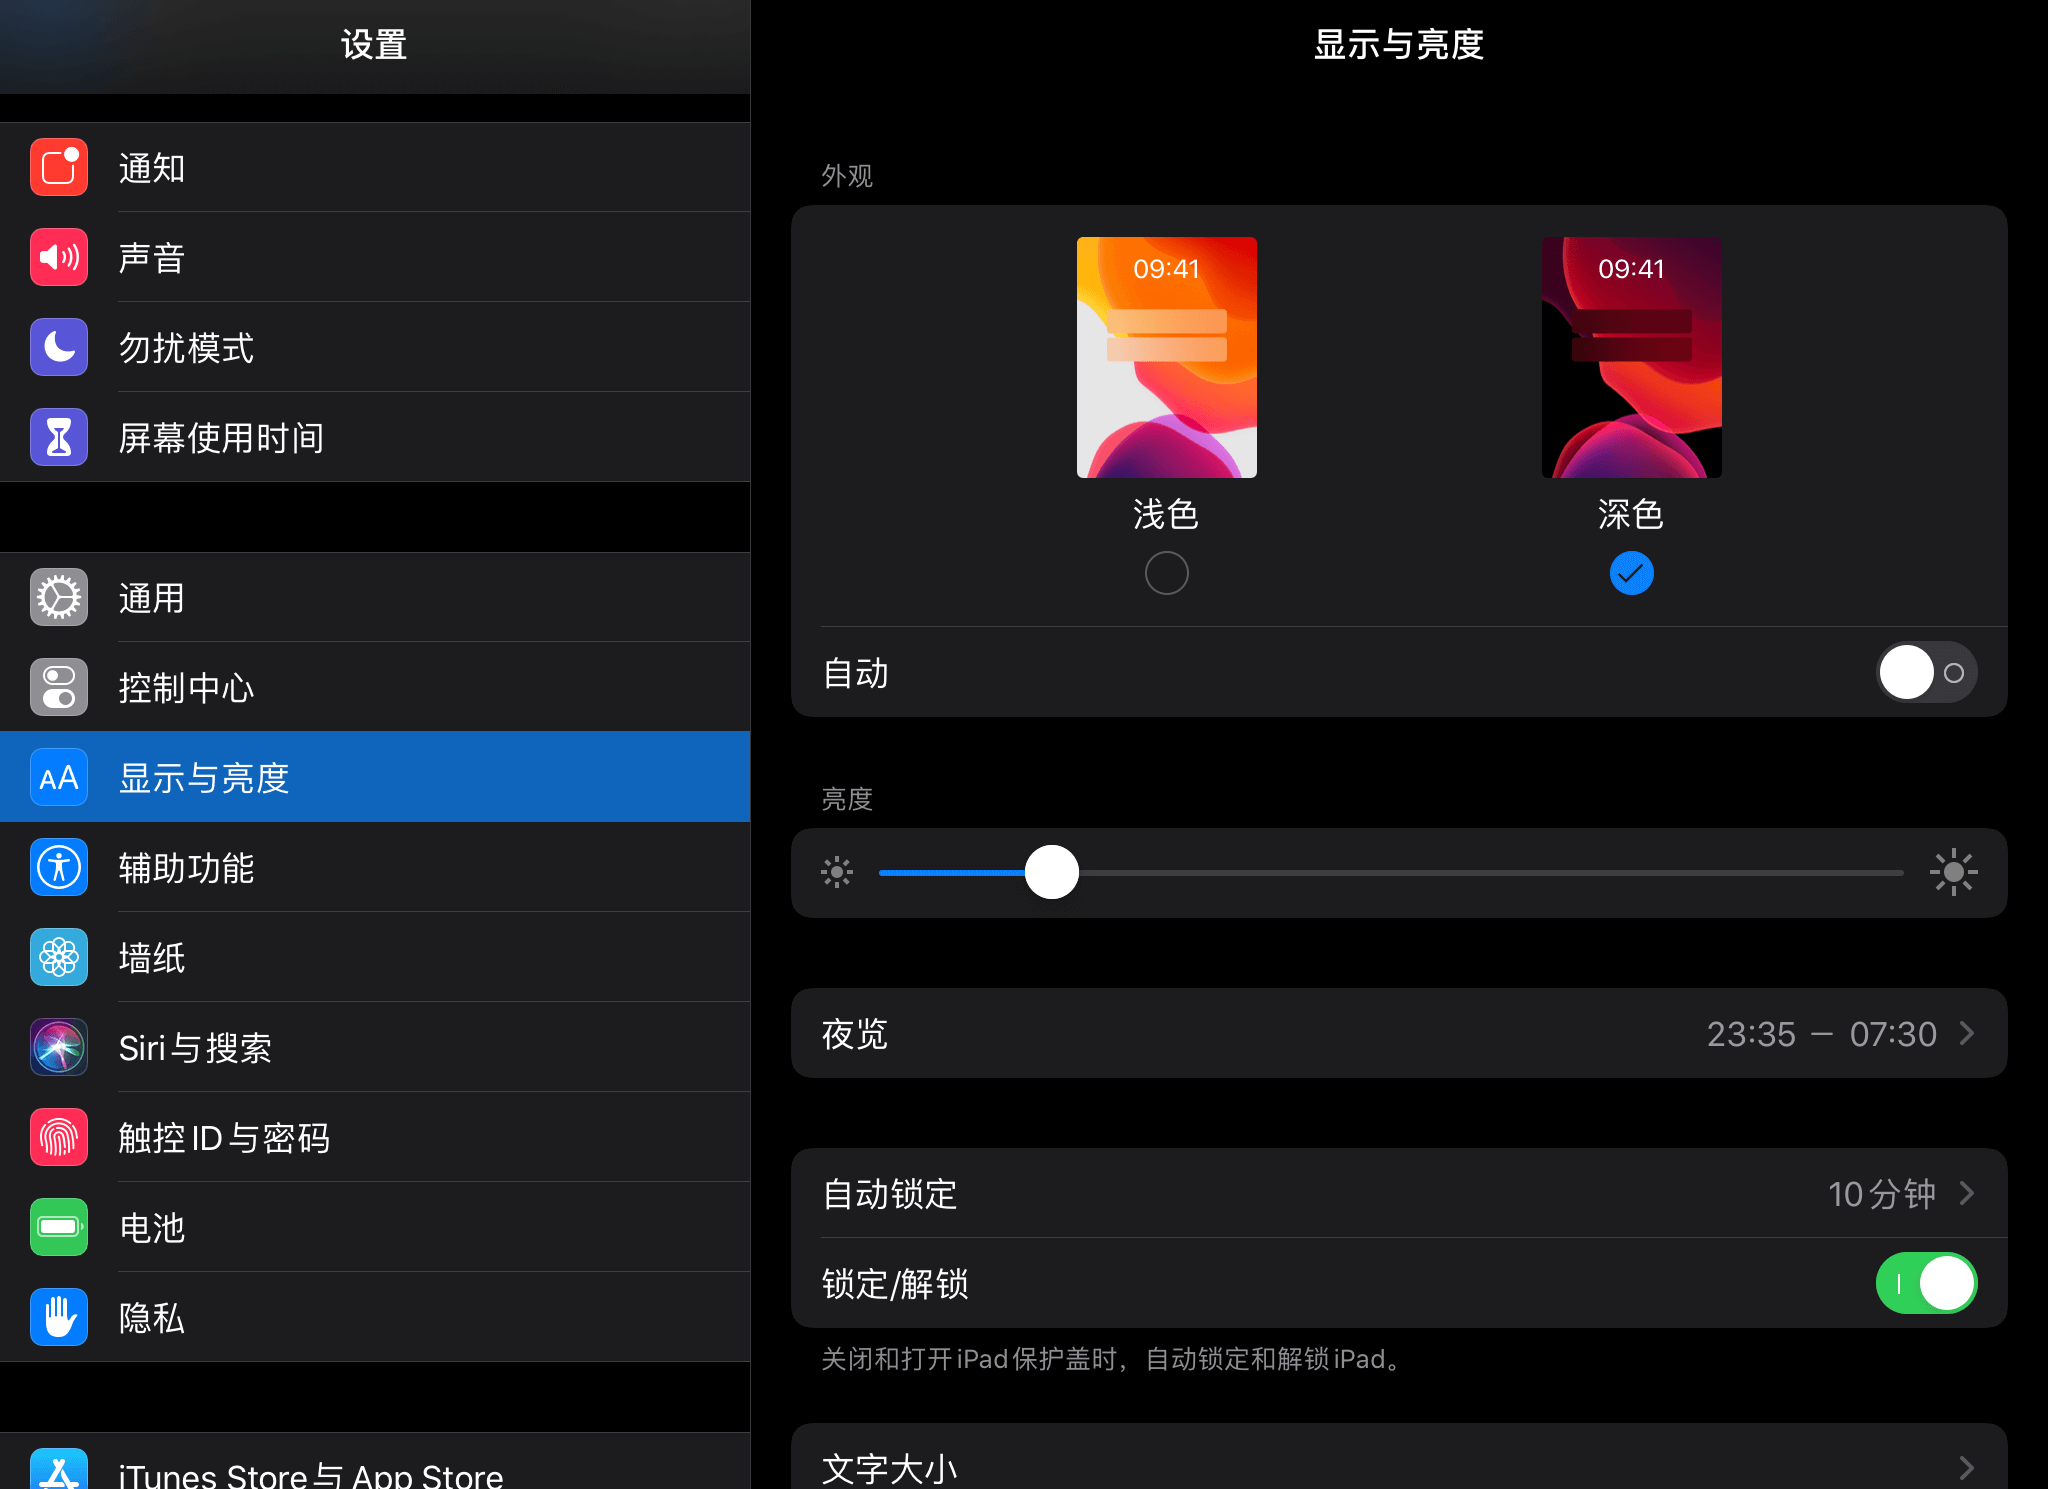 《iPadOS/iOS 13使用体验报告》